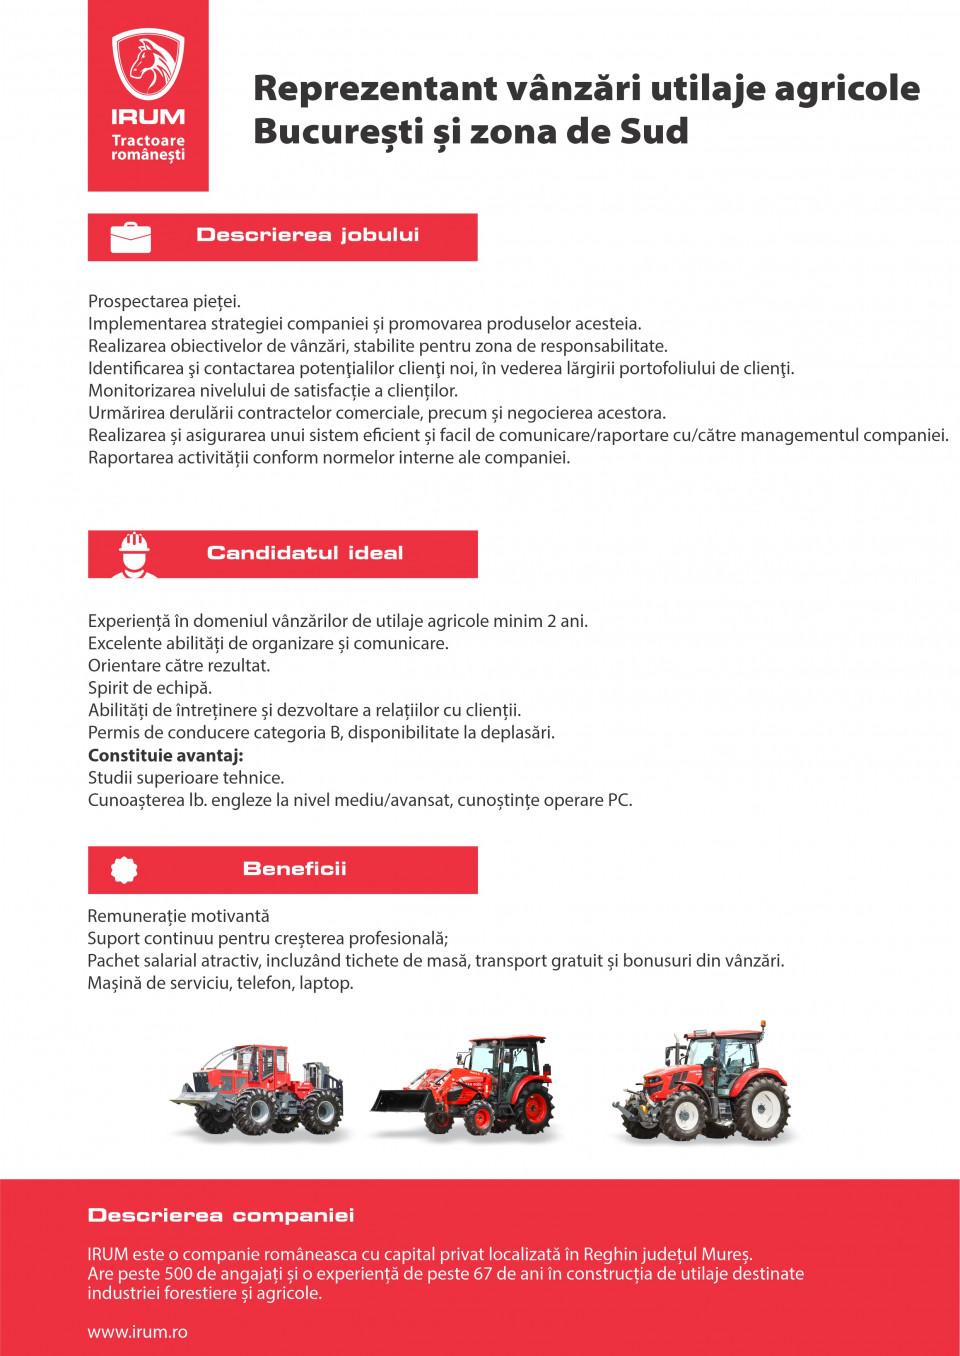 Reprezentant vânzări utilaje agricole București și zona de S